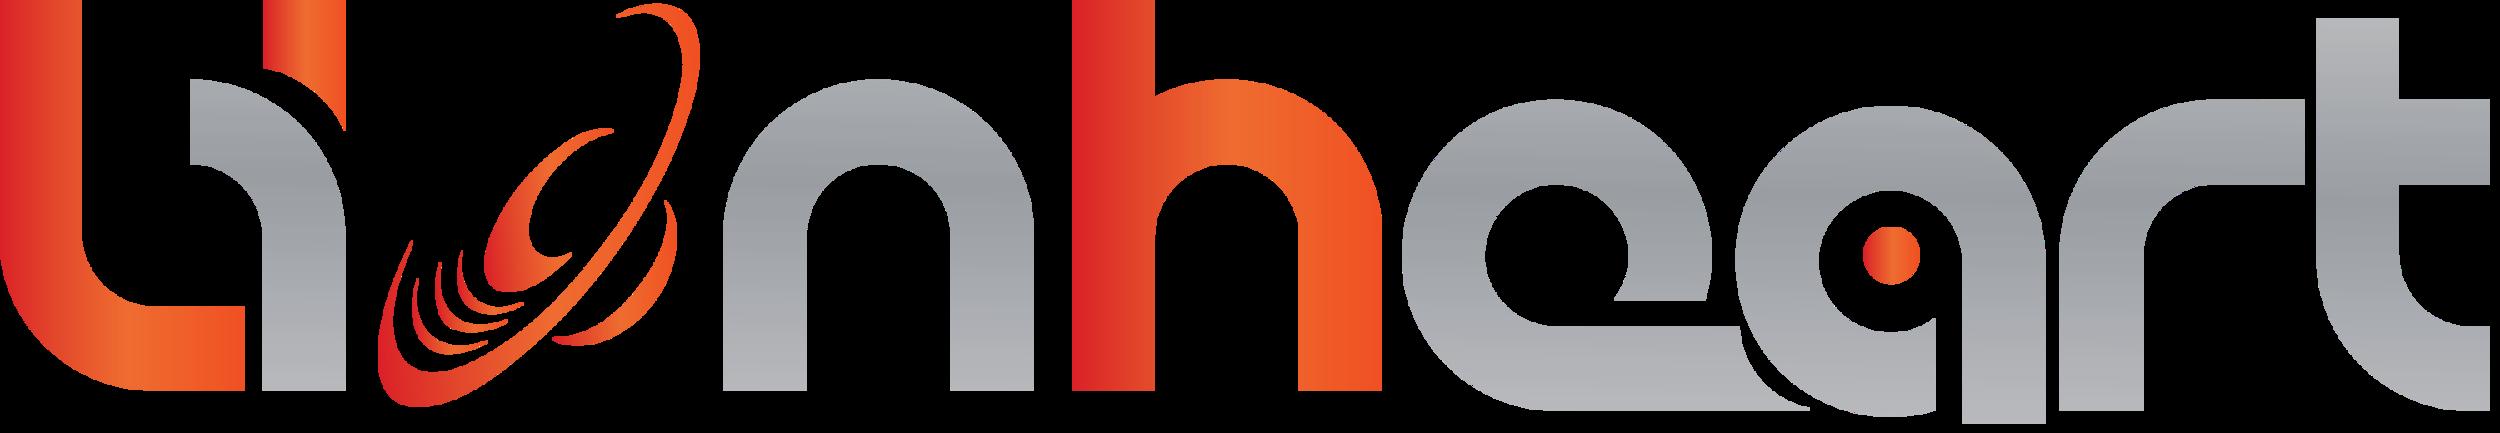 Lionheart Logo (ImageNoText).png